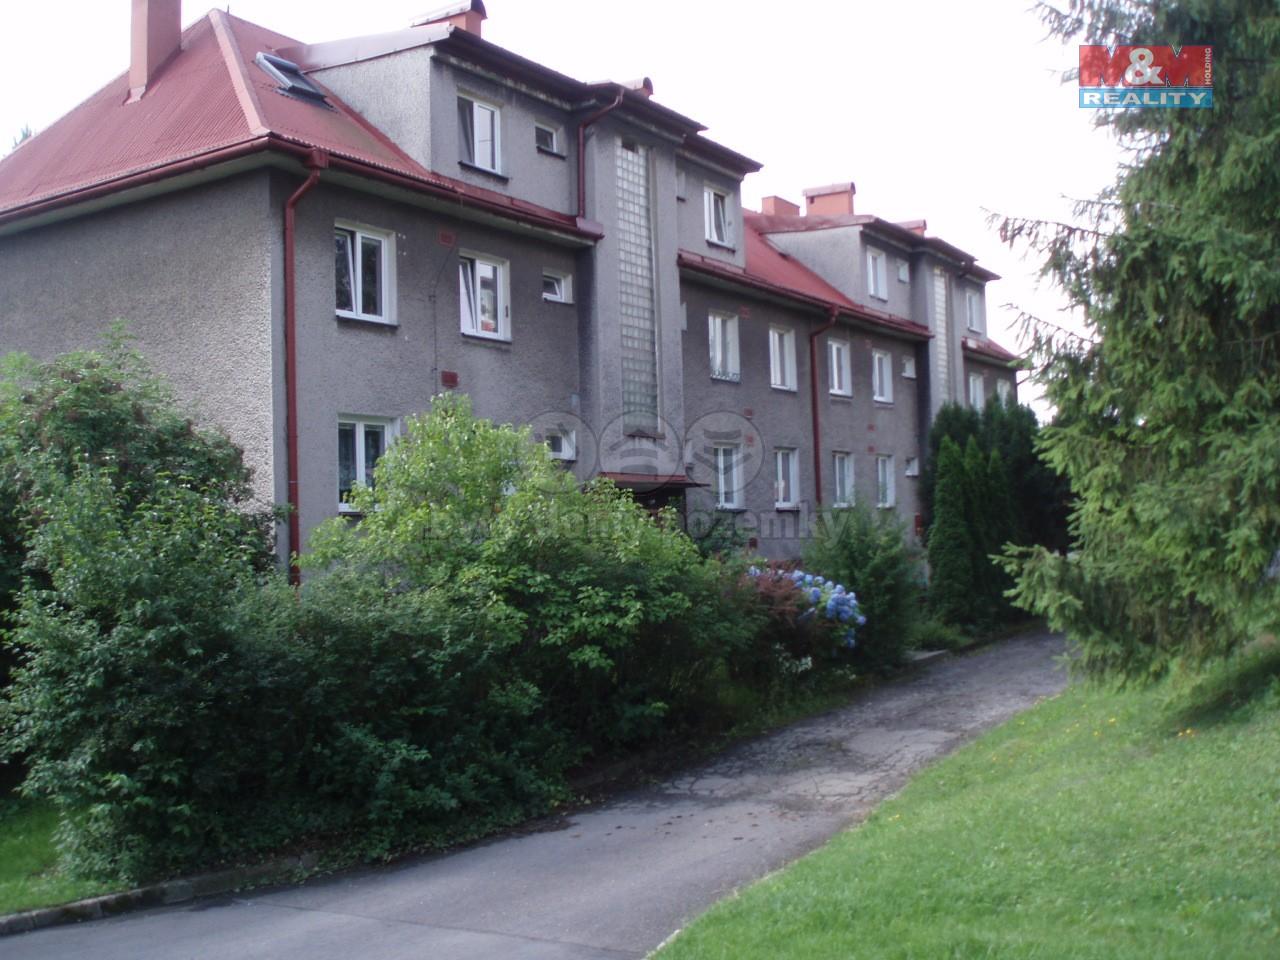 Prodej, byt 3+1, 72 m2, Frýdek - Místek, ul. Třanovského